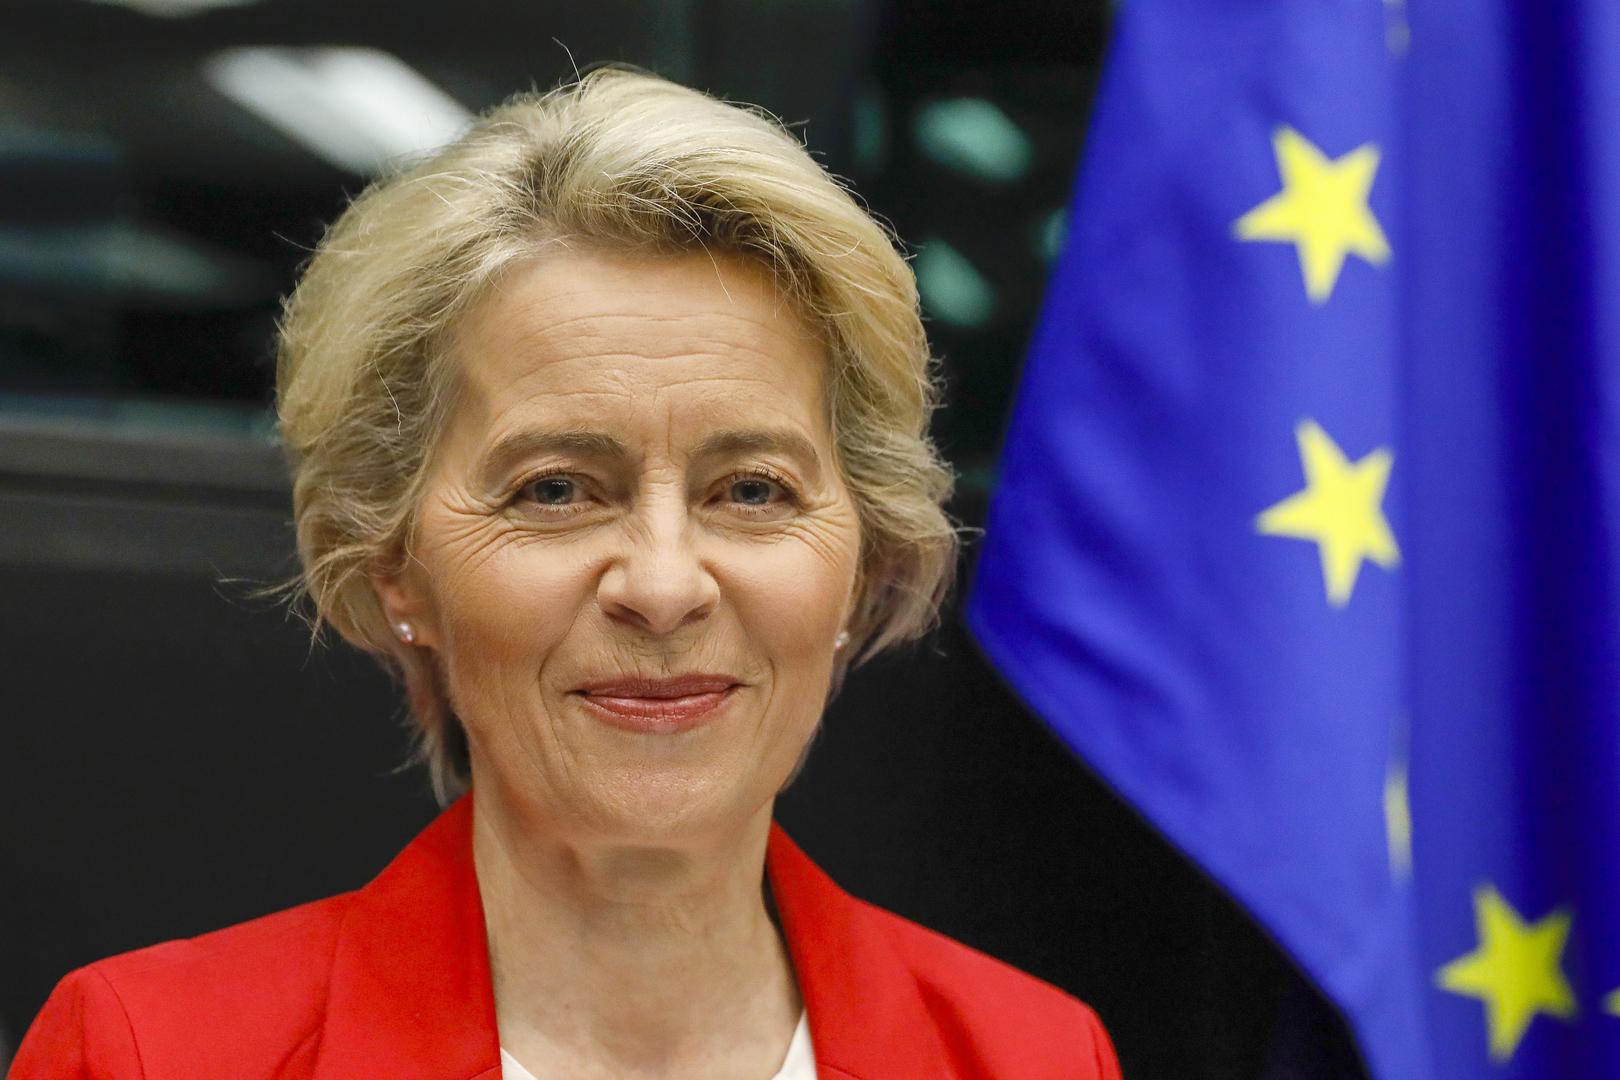 الاتحاد الأوروبي يتعهد بـ 200 مليون جرعة إضافية من لقاح كورونا لإفريقيا